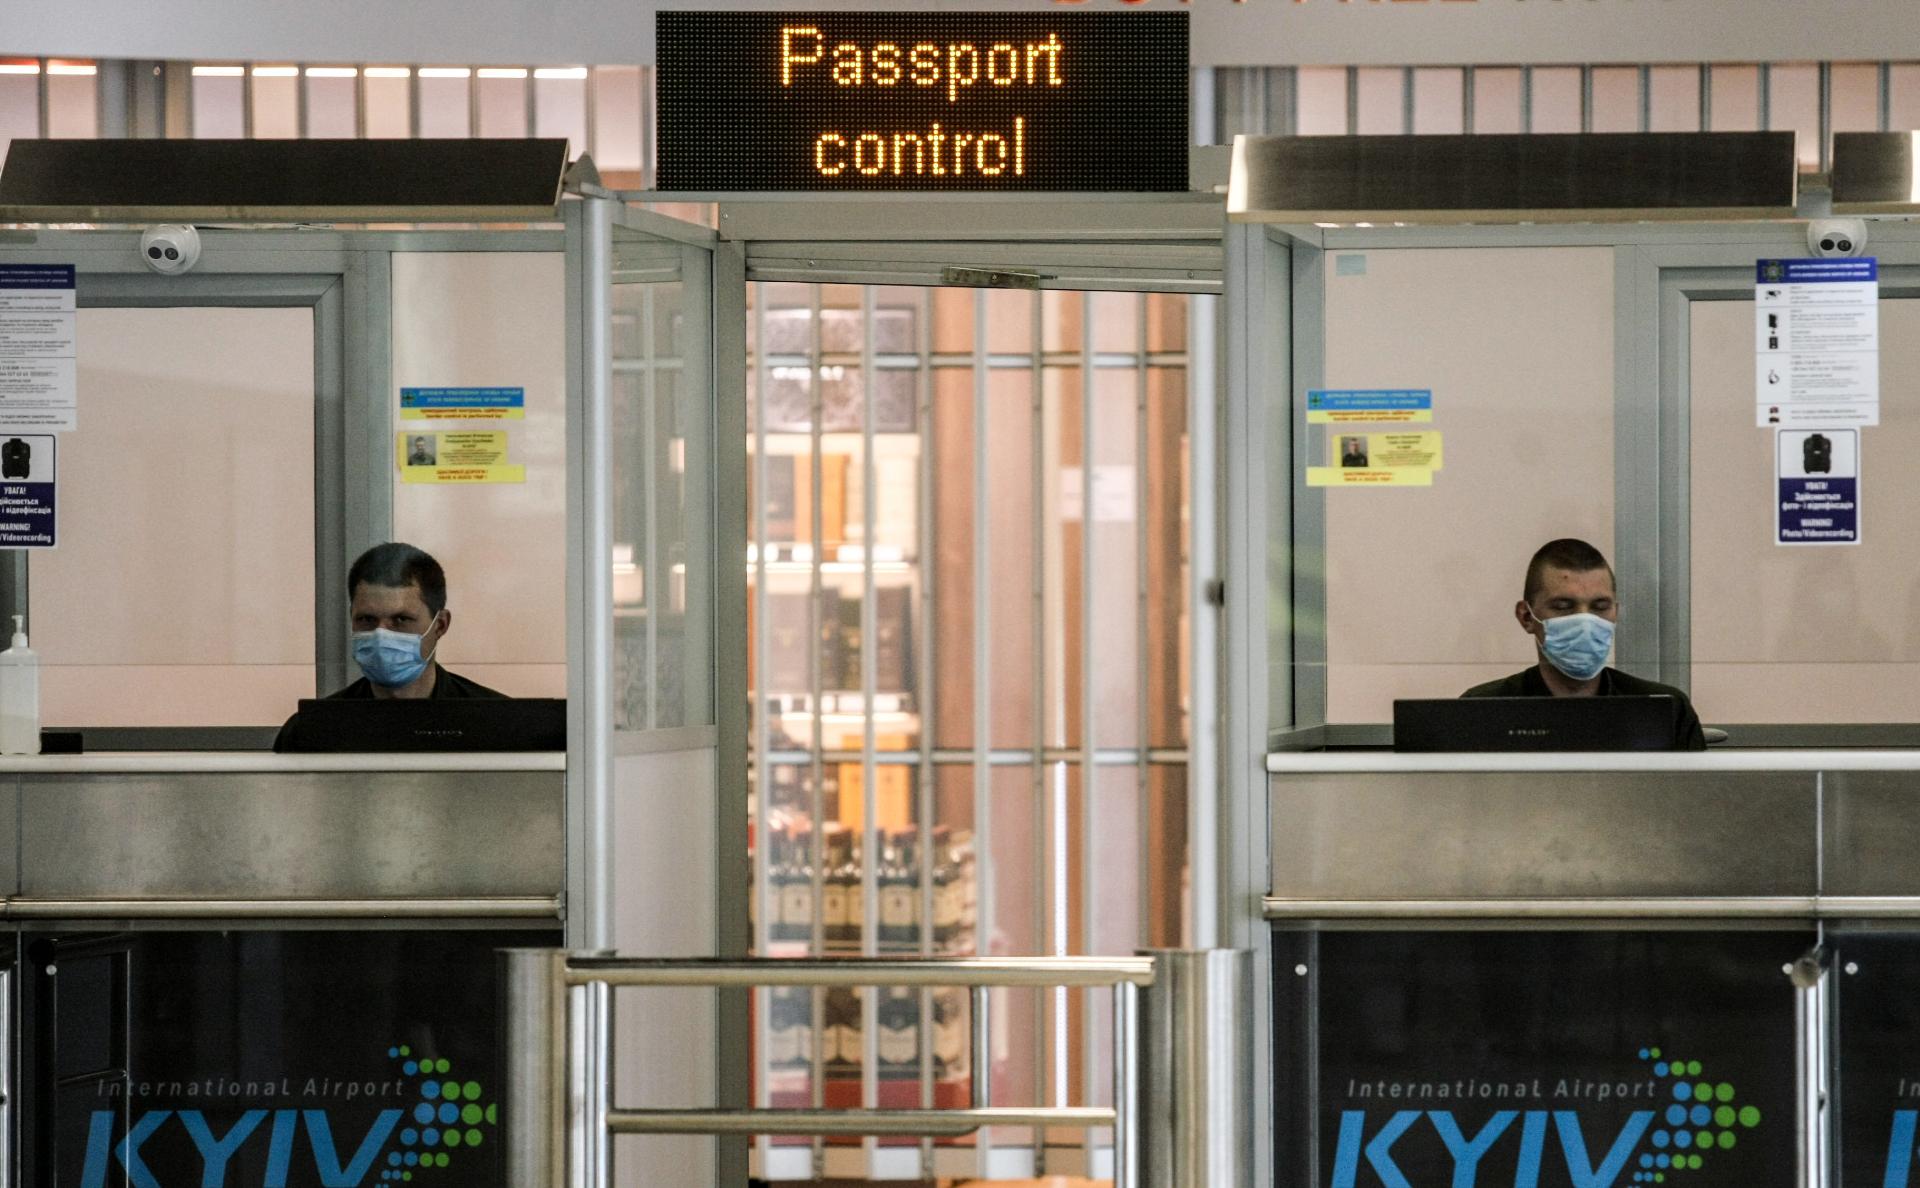 Фото: Евгений Котенко / ZUMA / ТАСС